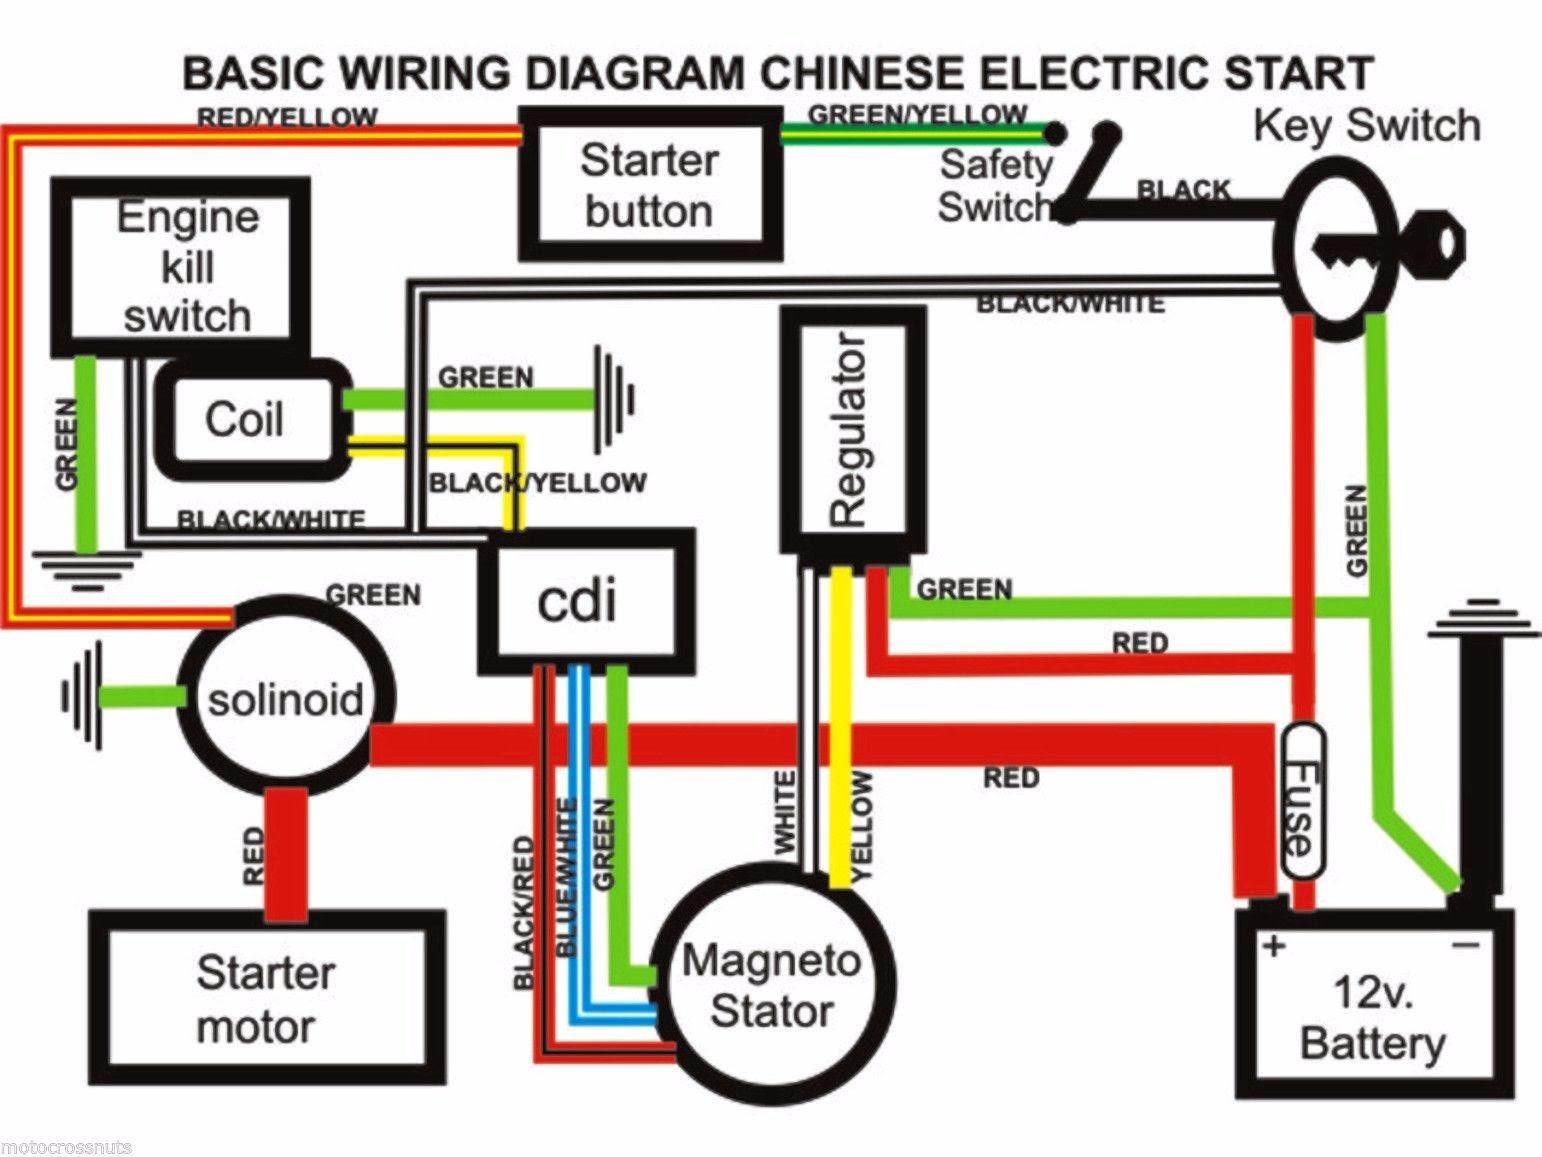 atv spark plug wiring diagram lifan 250cc engine wiring diagram car view specs  lifan 250cc engine wiring diagram car